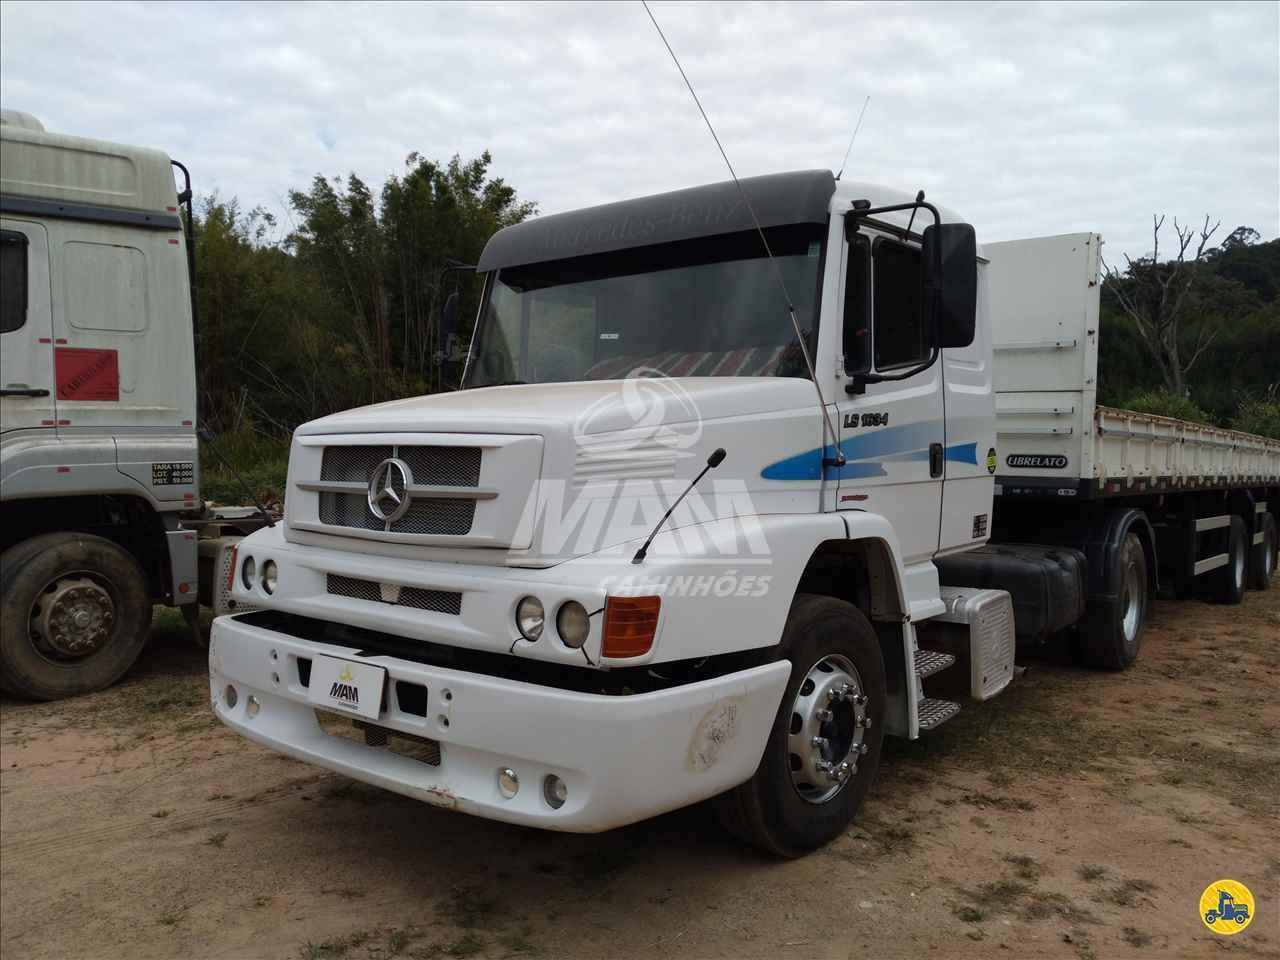 CAMINHAO MERCEDES-BENZ MB 1634 Cavalo Mecânico Toco 4x2 MAM Caminhões JUNDIAI SÃO PAULO SP